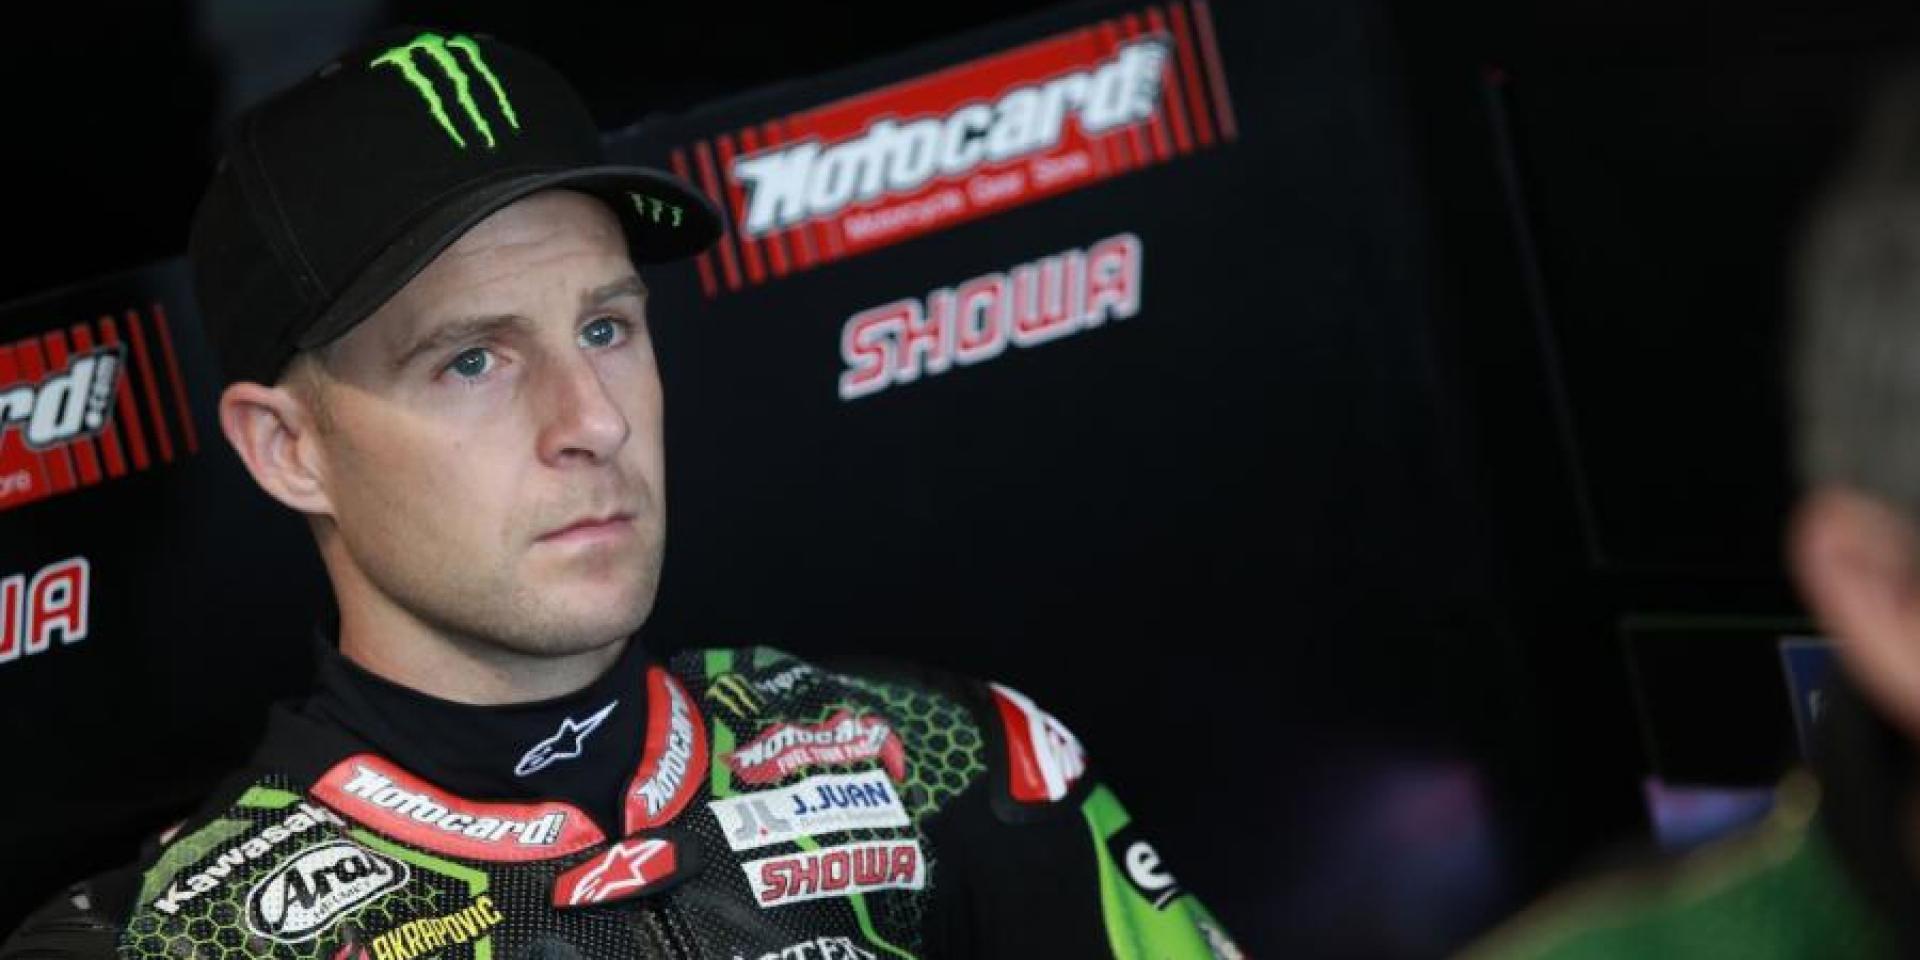 Jerez測試因雨告吹!Jonathan Rea:我很擔心確診,一旦染疫就得被迫放棄世界冠軍!